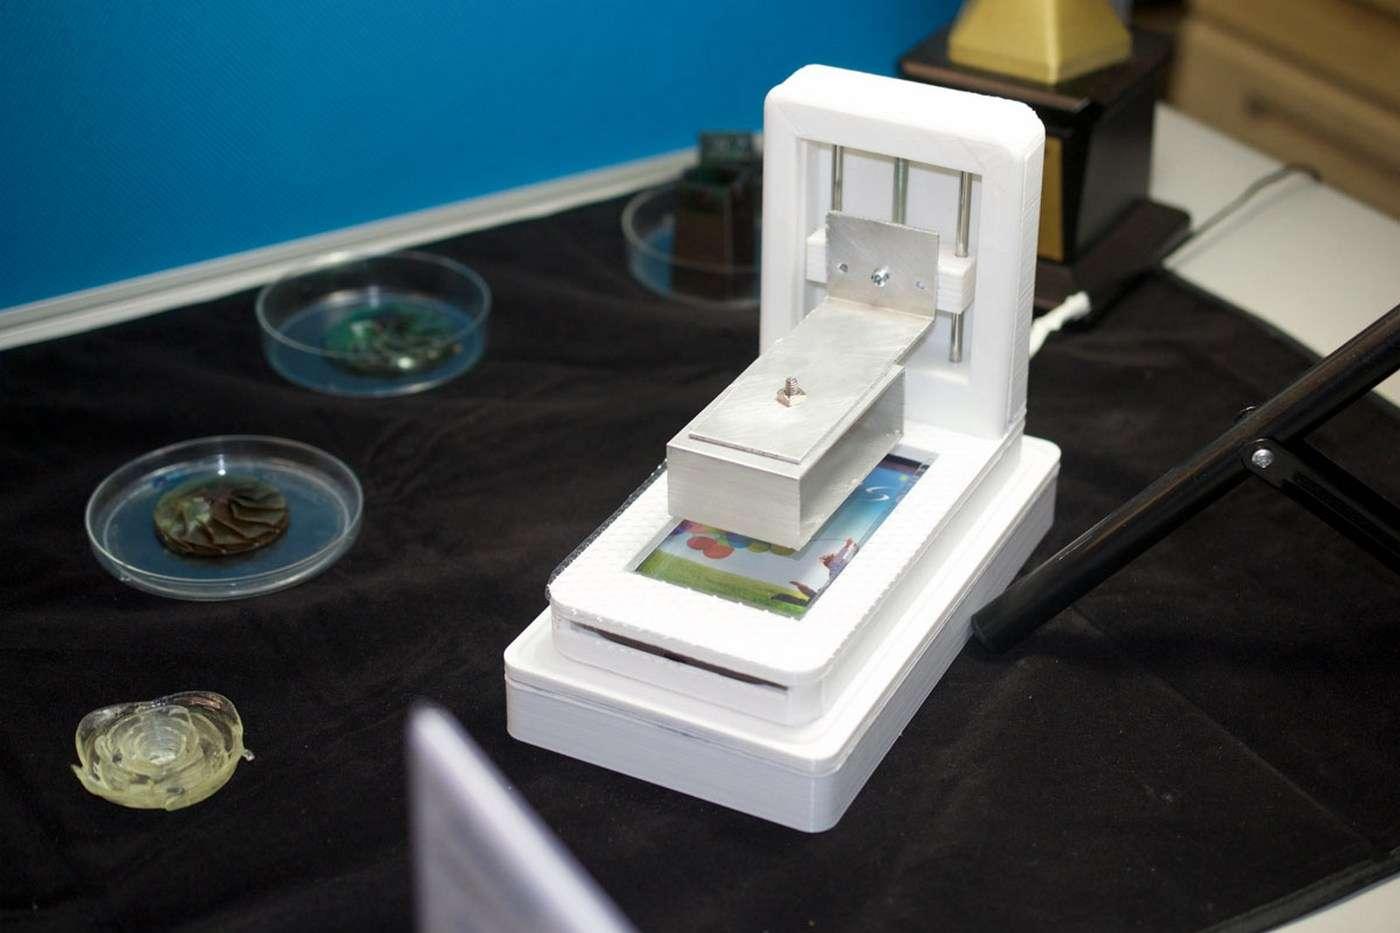 Le prototype d'imprimante 3D pour smartphones utilise la lumière émise par l'écran pour solidifier une résine photosensible. Le système peut fonctionner à l'air libre pourvu qu'il soit dans la pénombre. © Taiwan Tech